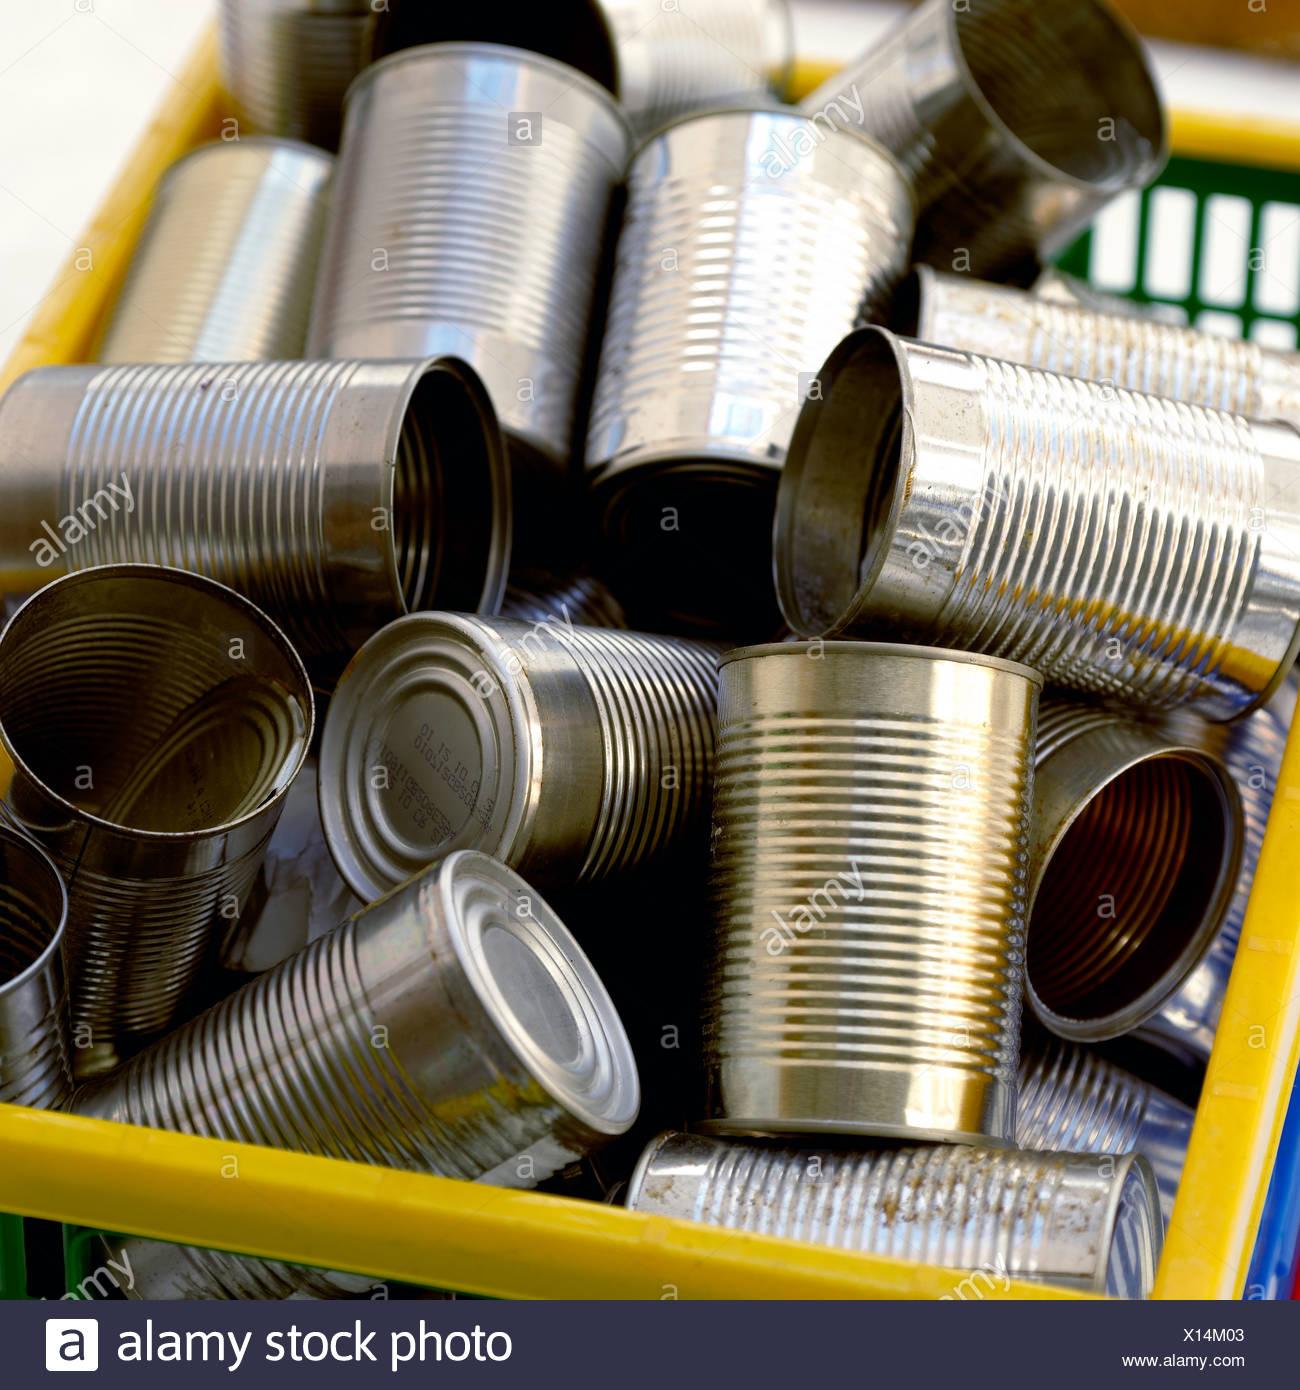 Les boîtes de conserve dans une boîte de recyclage Photo Stock